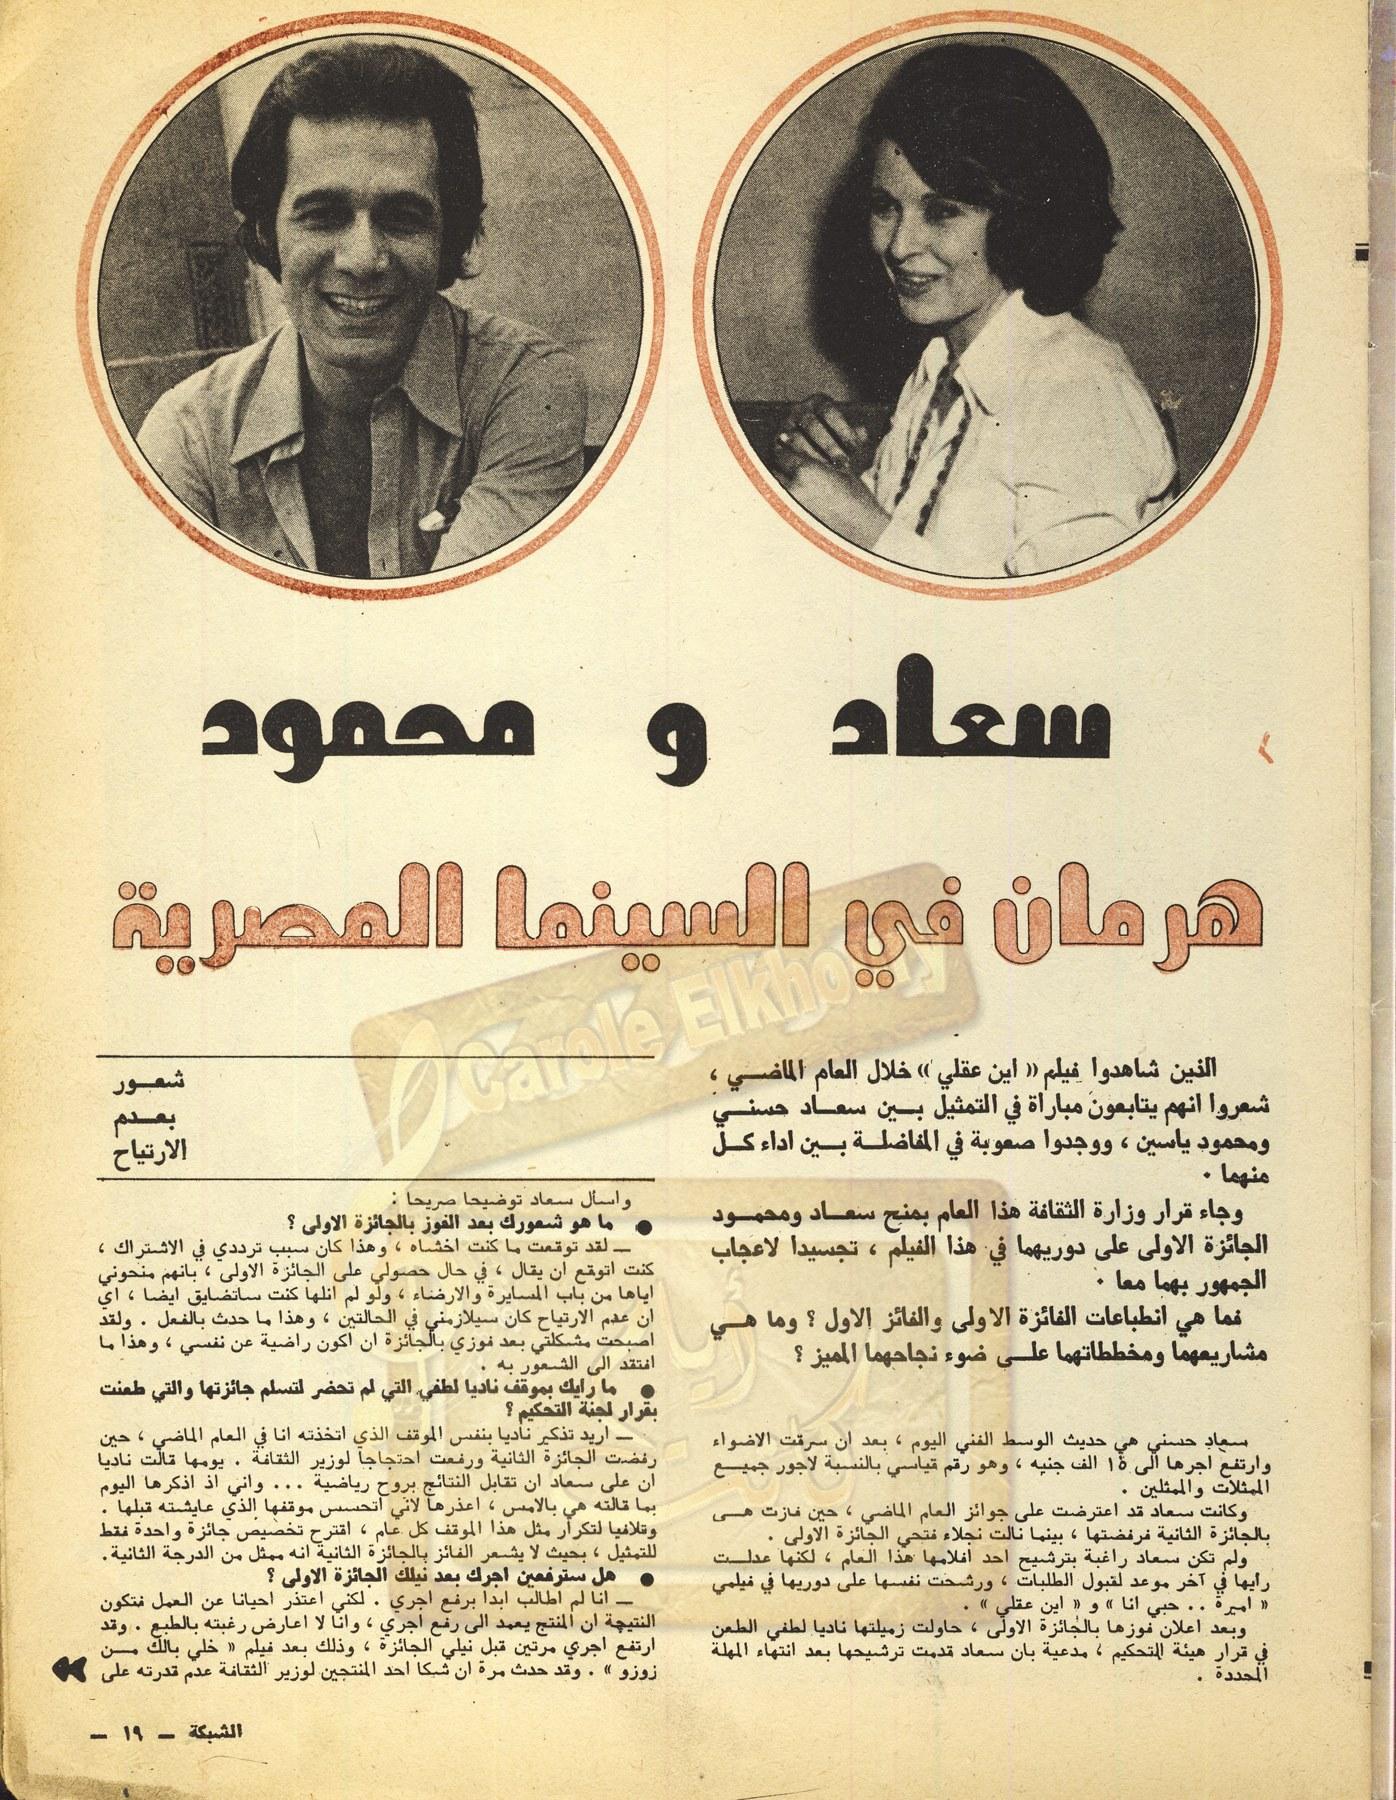 حوار صحفي : سعاد و محمود هرمان في السينما المصرية 1975 م 156